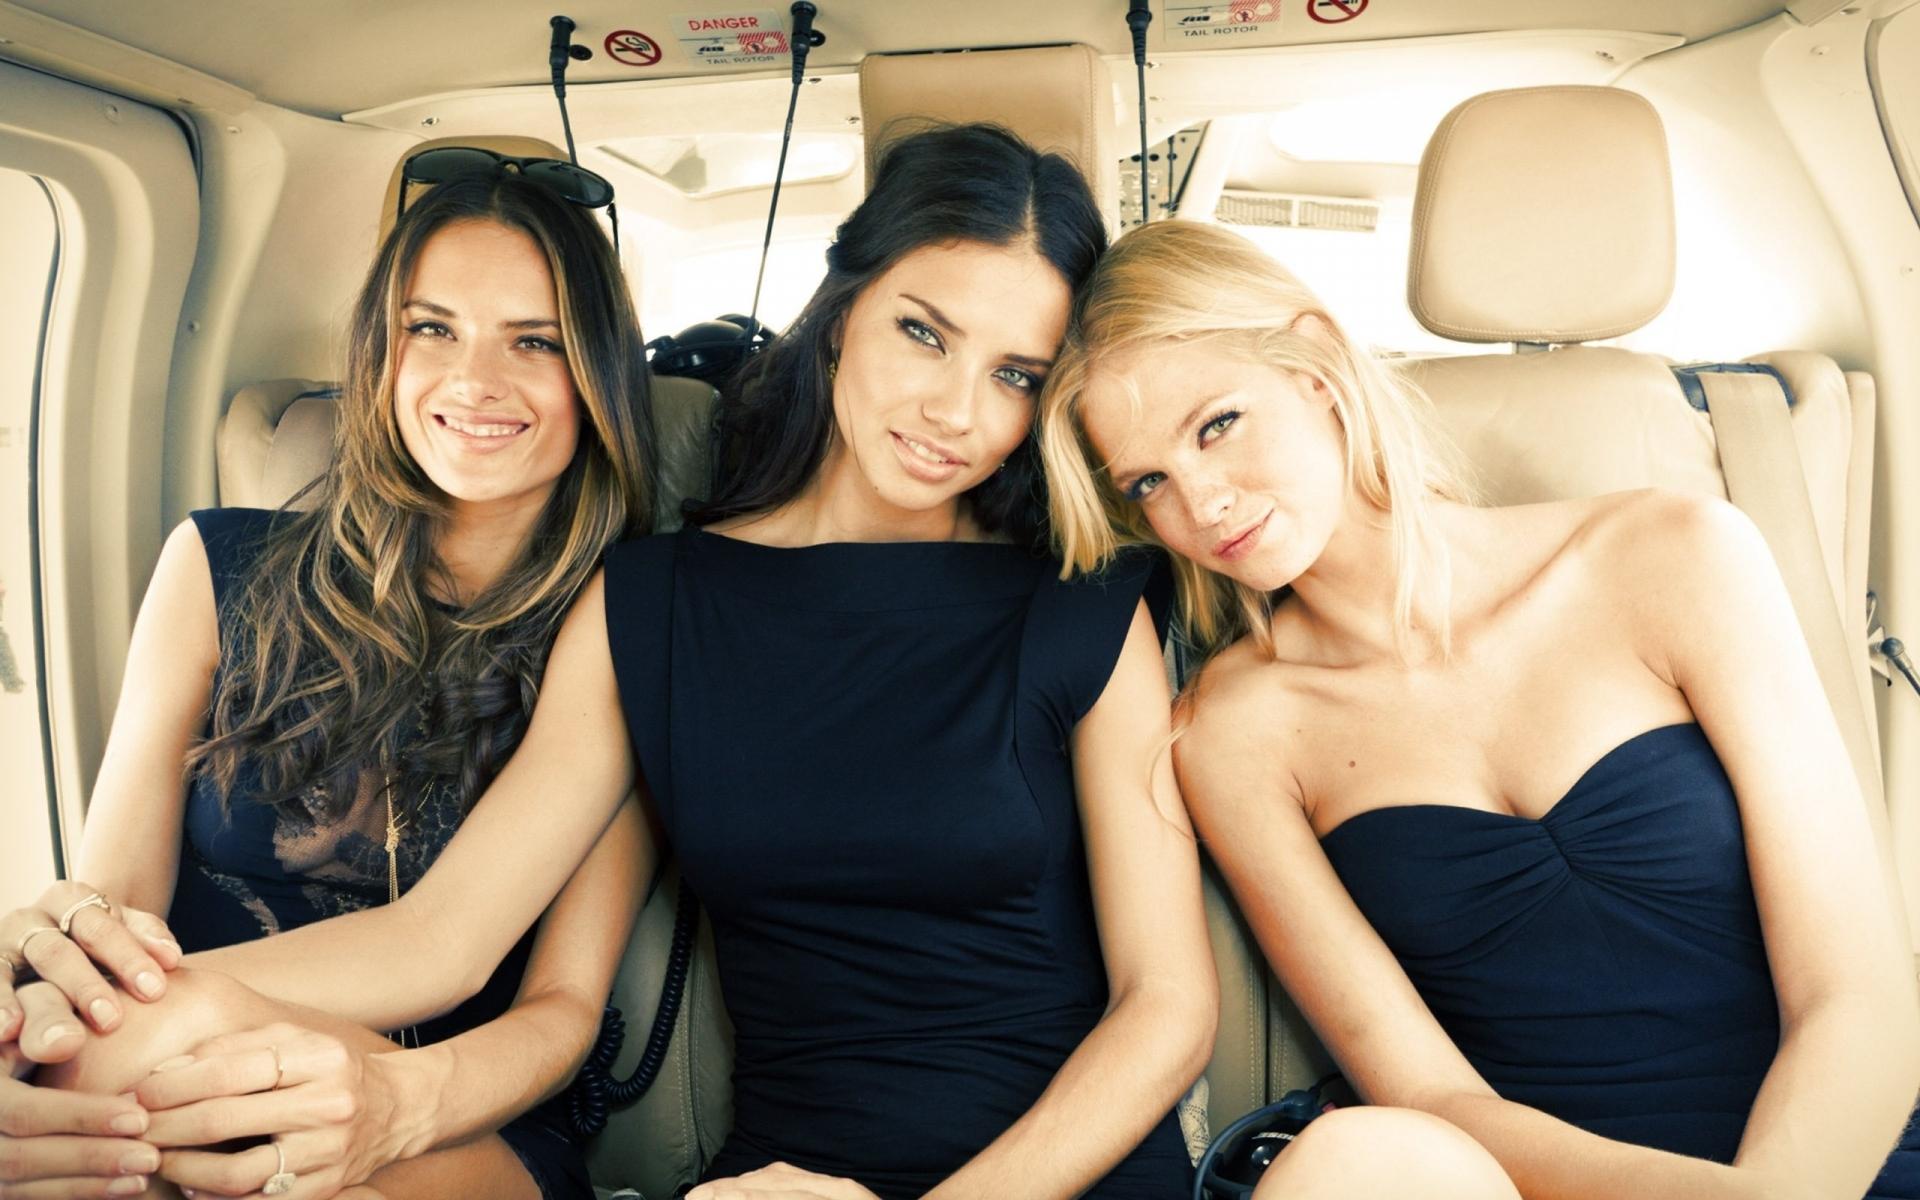 Трое девушек фото, смотреть онлайн чувственный порнограф